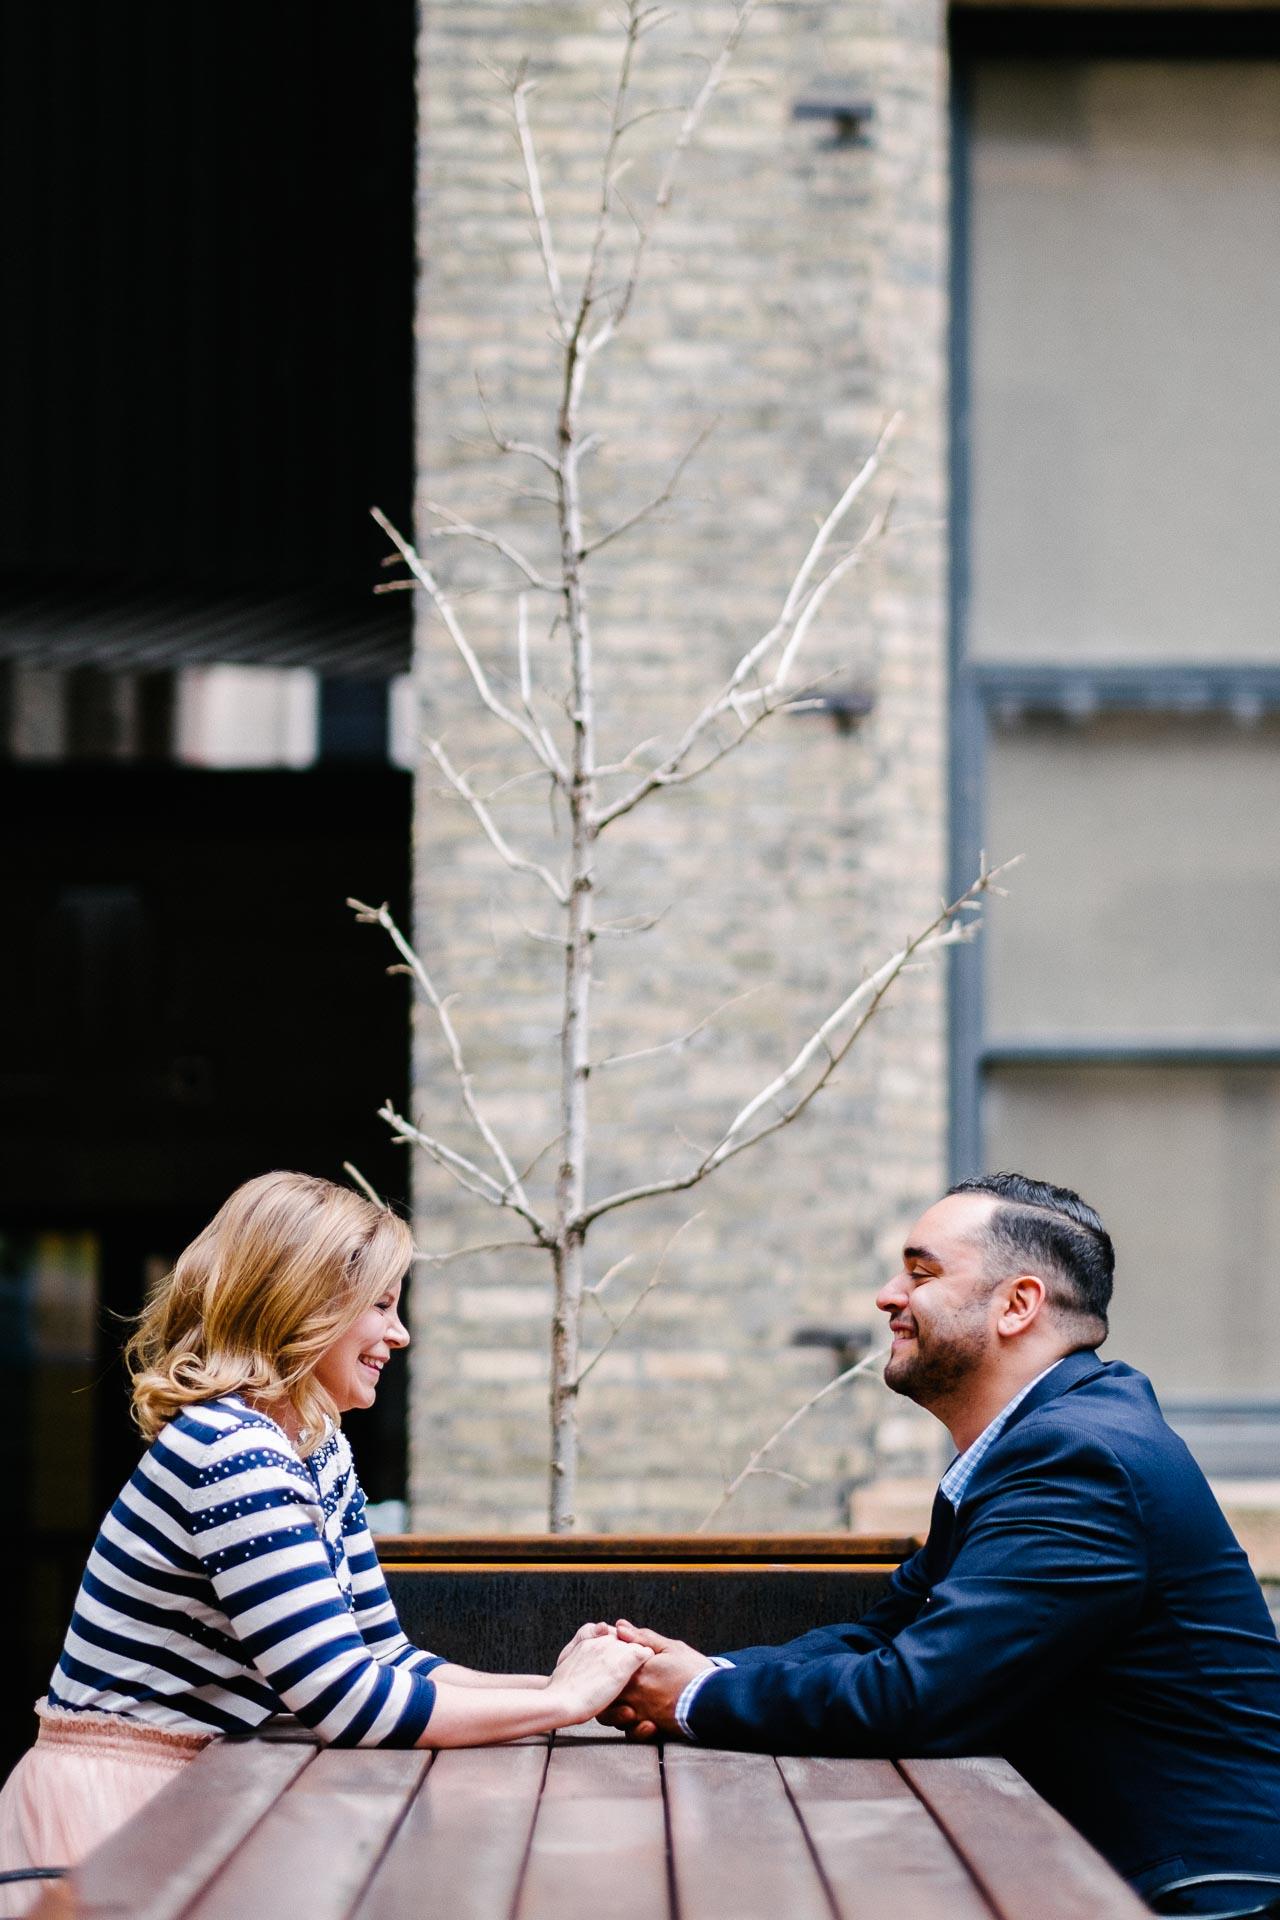 Engagement-Photography-Session-Saint-Paul-1